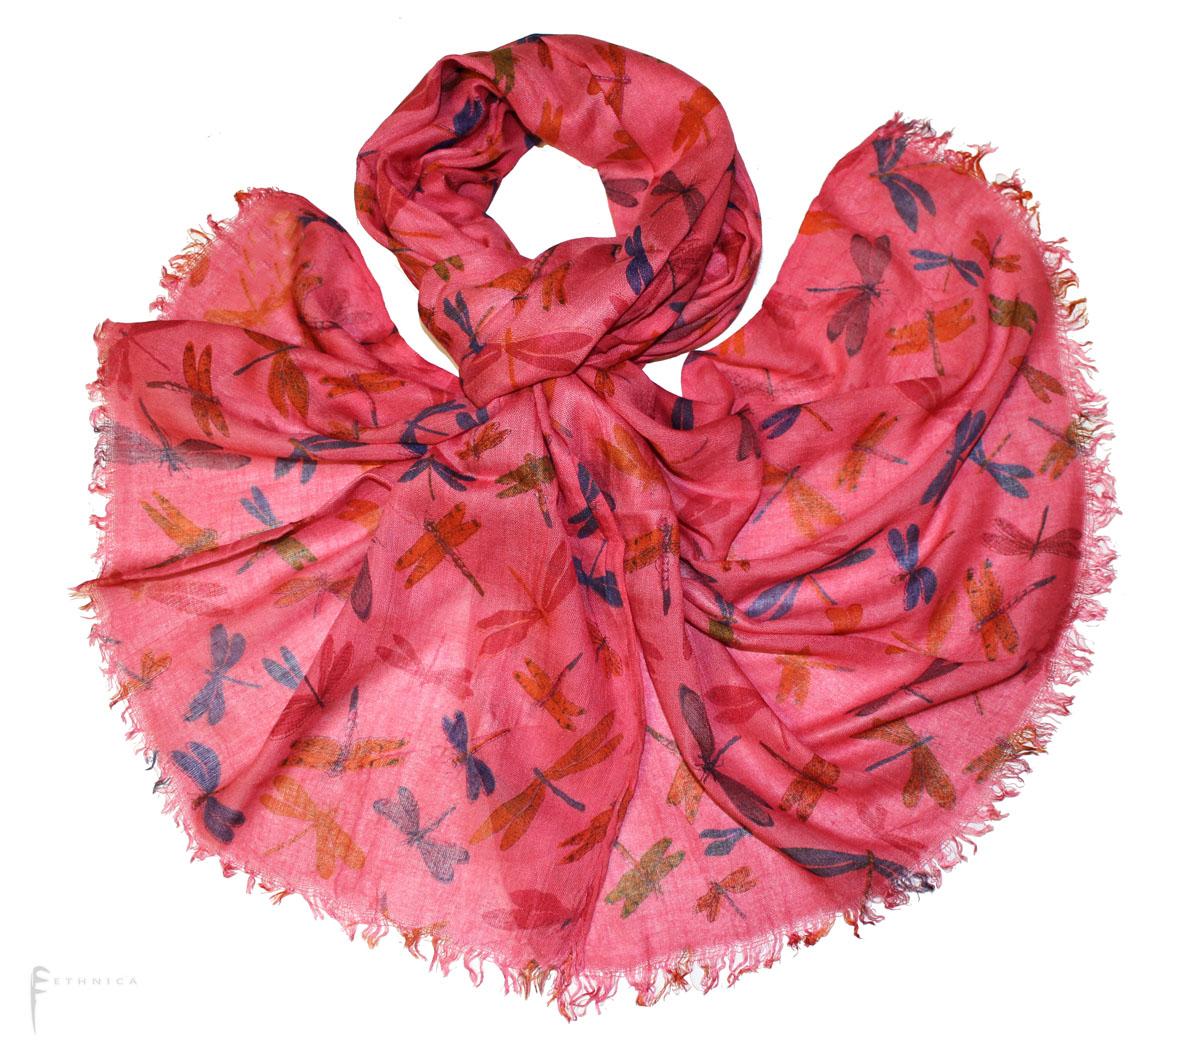 Шарф343085нЭлегантный шарф Ethnica, выполненный из вискозы с принтом в виде стрекоз, станет изысканным, нарядным аксессуаром, который призван подчеркнуть индивидуальность и очарование женщины. Шарф по краям декорирован бахромой. Этот модный аксессуар женского гардероба гармонично дополнит образ современной женщины, следящей за своим имиджем и стремящейся всегда оставаться стильной и элегантной. В этом шарфе вы всегда будете выглядеть женственной и привлекательной.